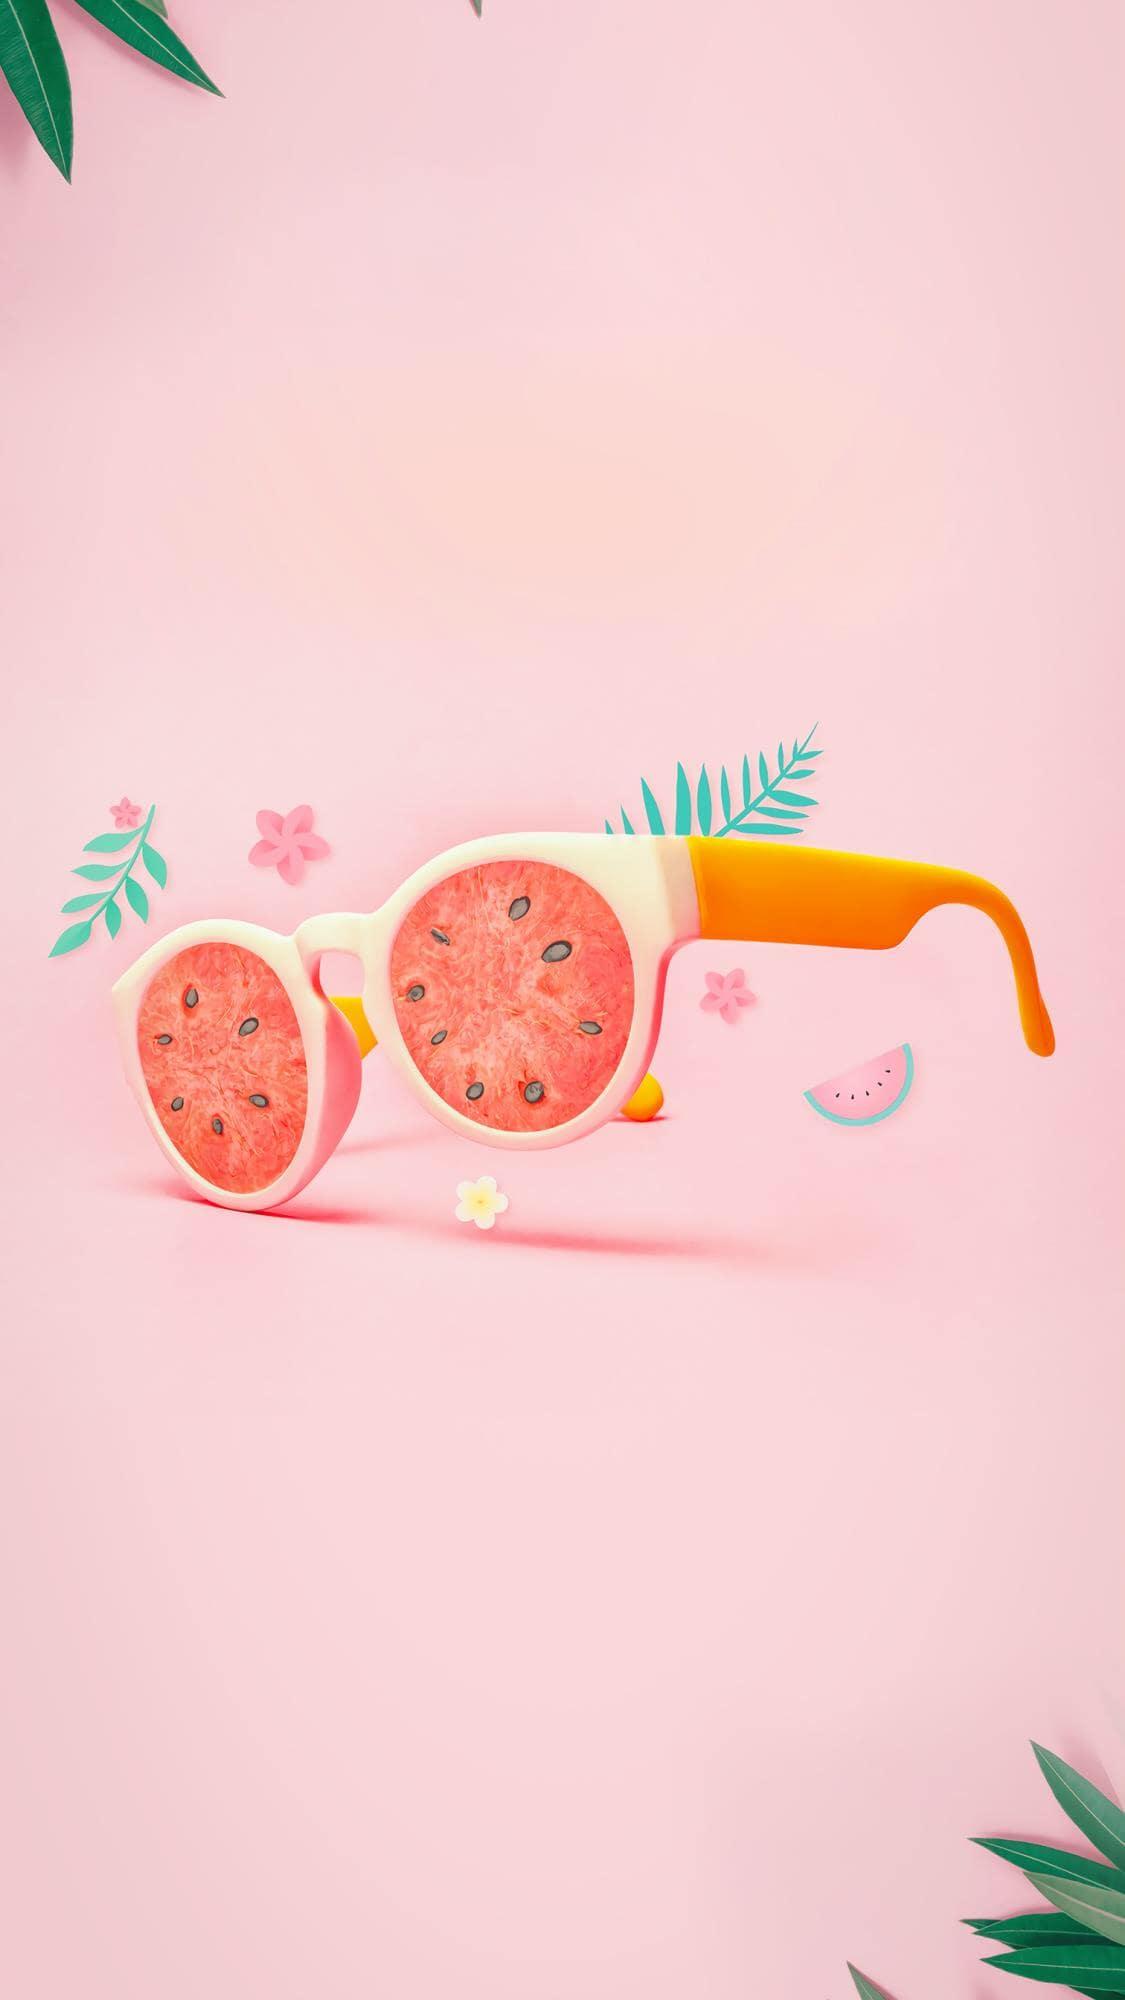 Watermelon sunglasses